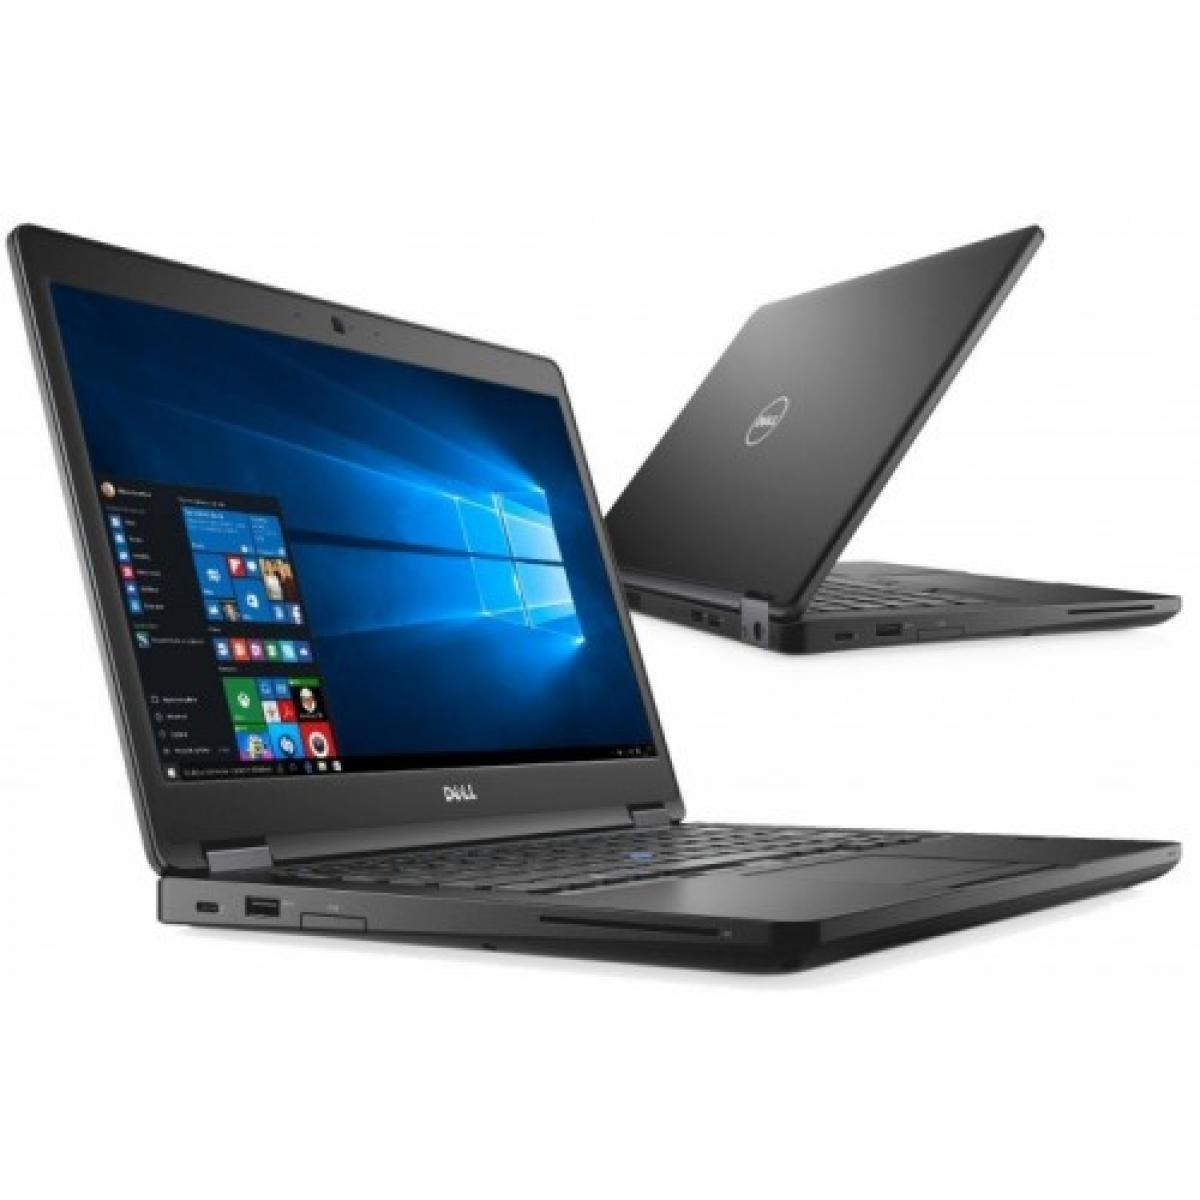 Dell Latitude 5580 15.6-inch (2016) - Core i5-6440HQ - 16 GB - SSD 512 GB